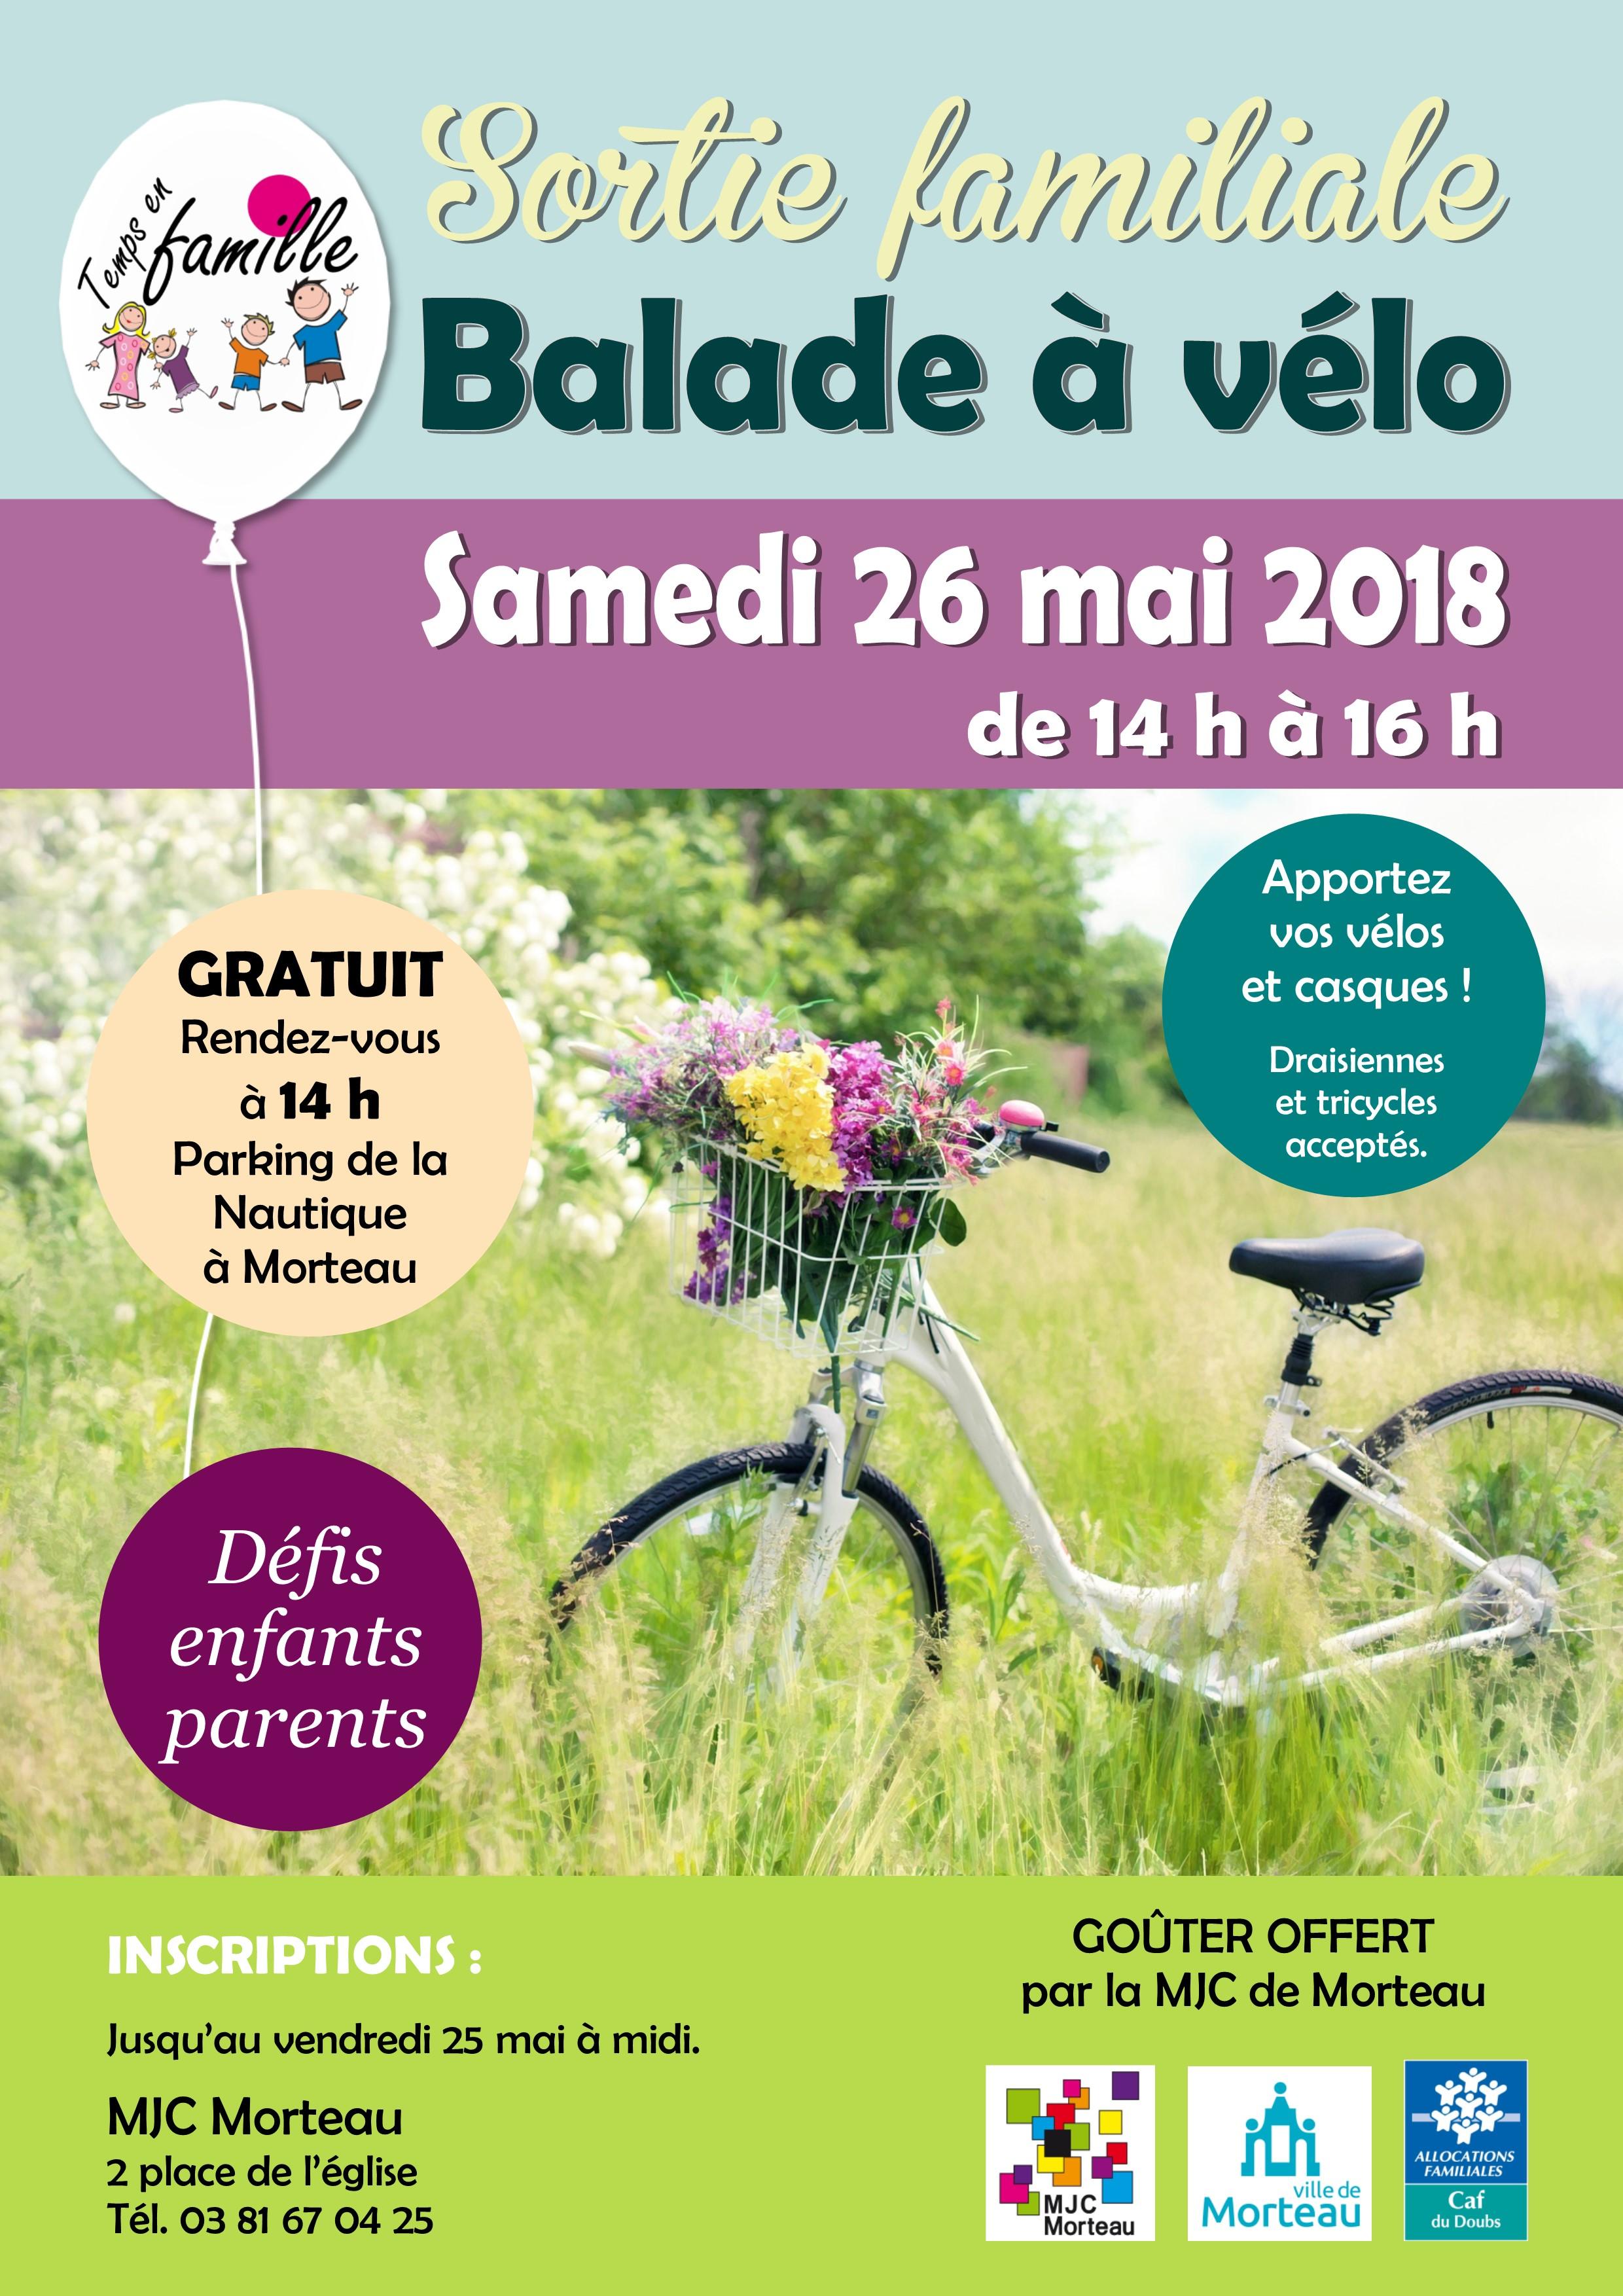 BALADE A VELO - MAI 2018